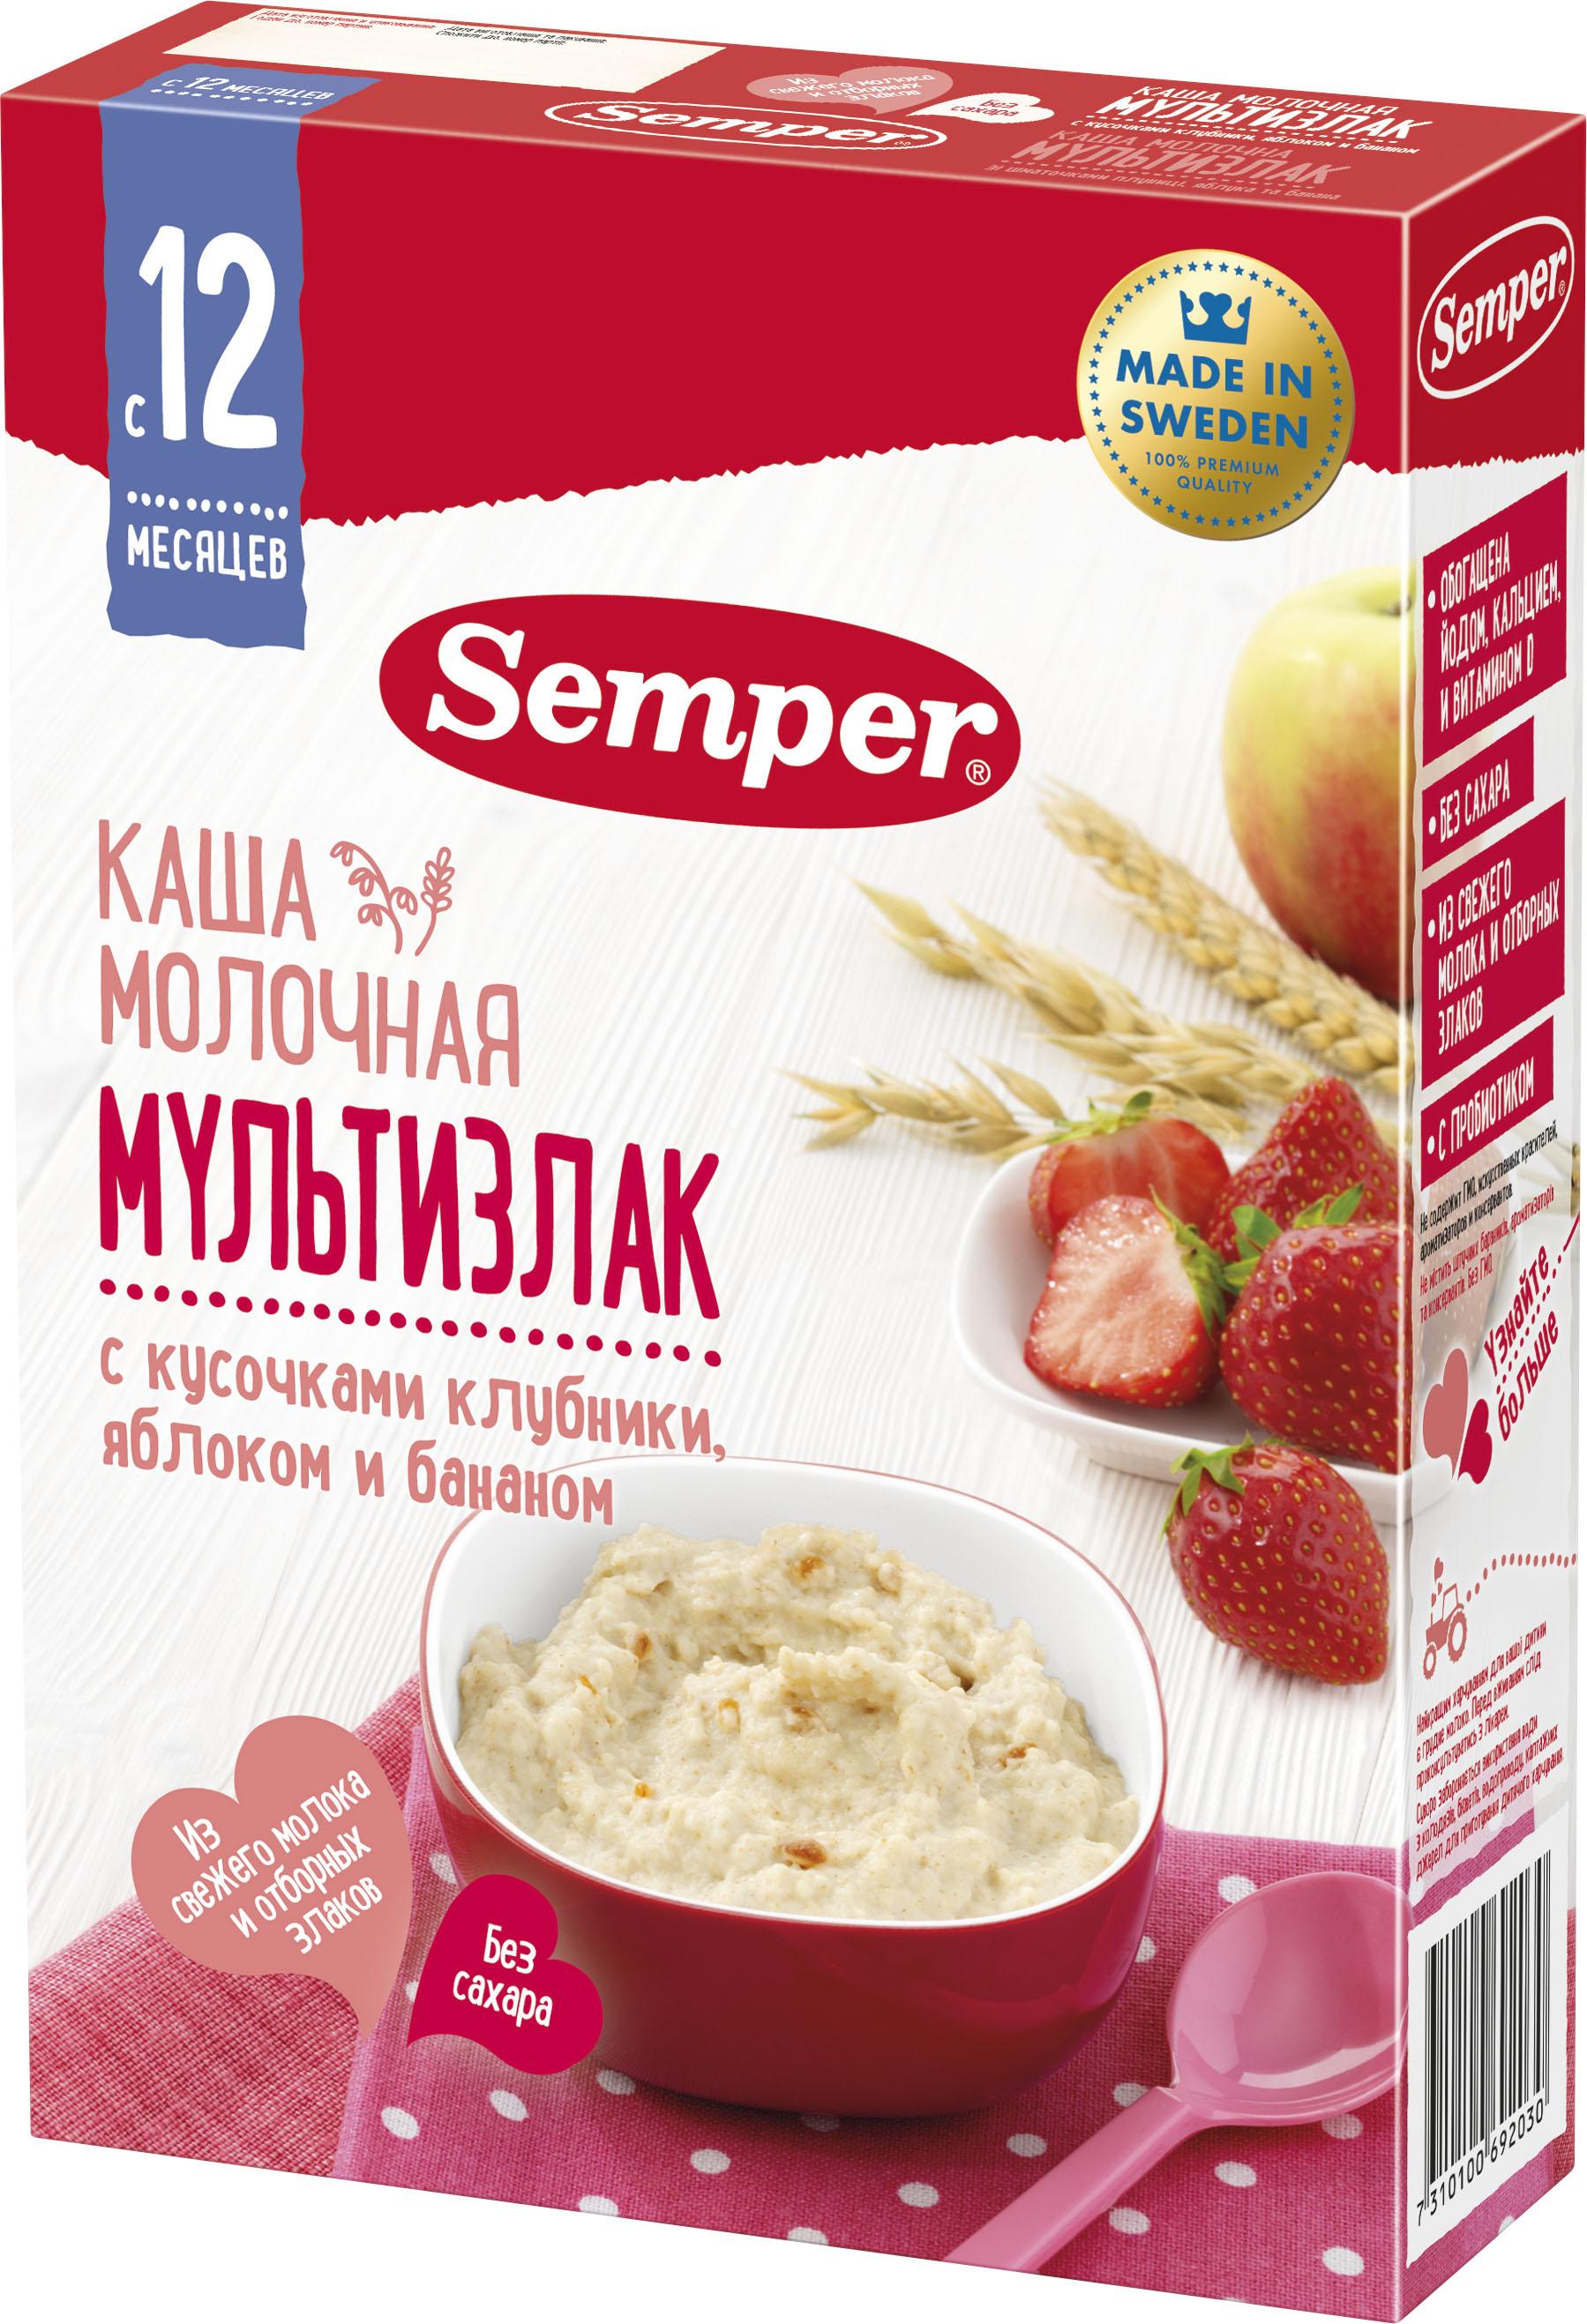 Каша Semper Semper Молочная мультизлаковая с клубникой, яблоком и бананом (с 12 месяцев) 200 г каша semper semper молочная мультизлаковая с бананом малиной и йогуртом с 10 месяцев 200 г